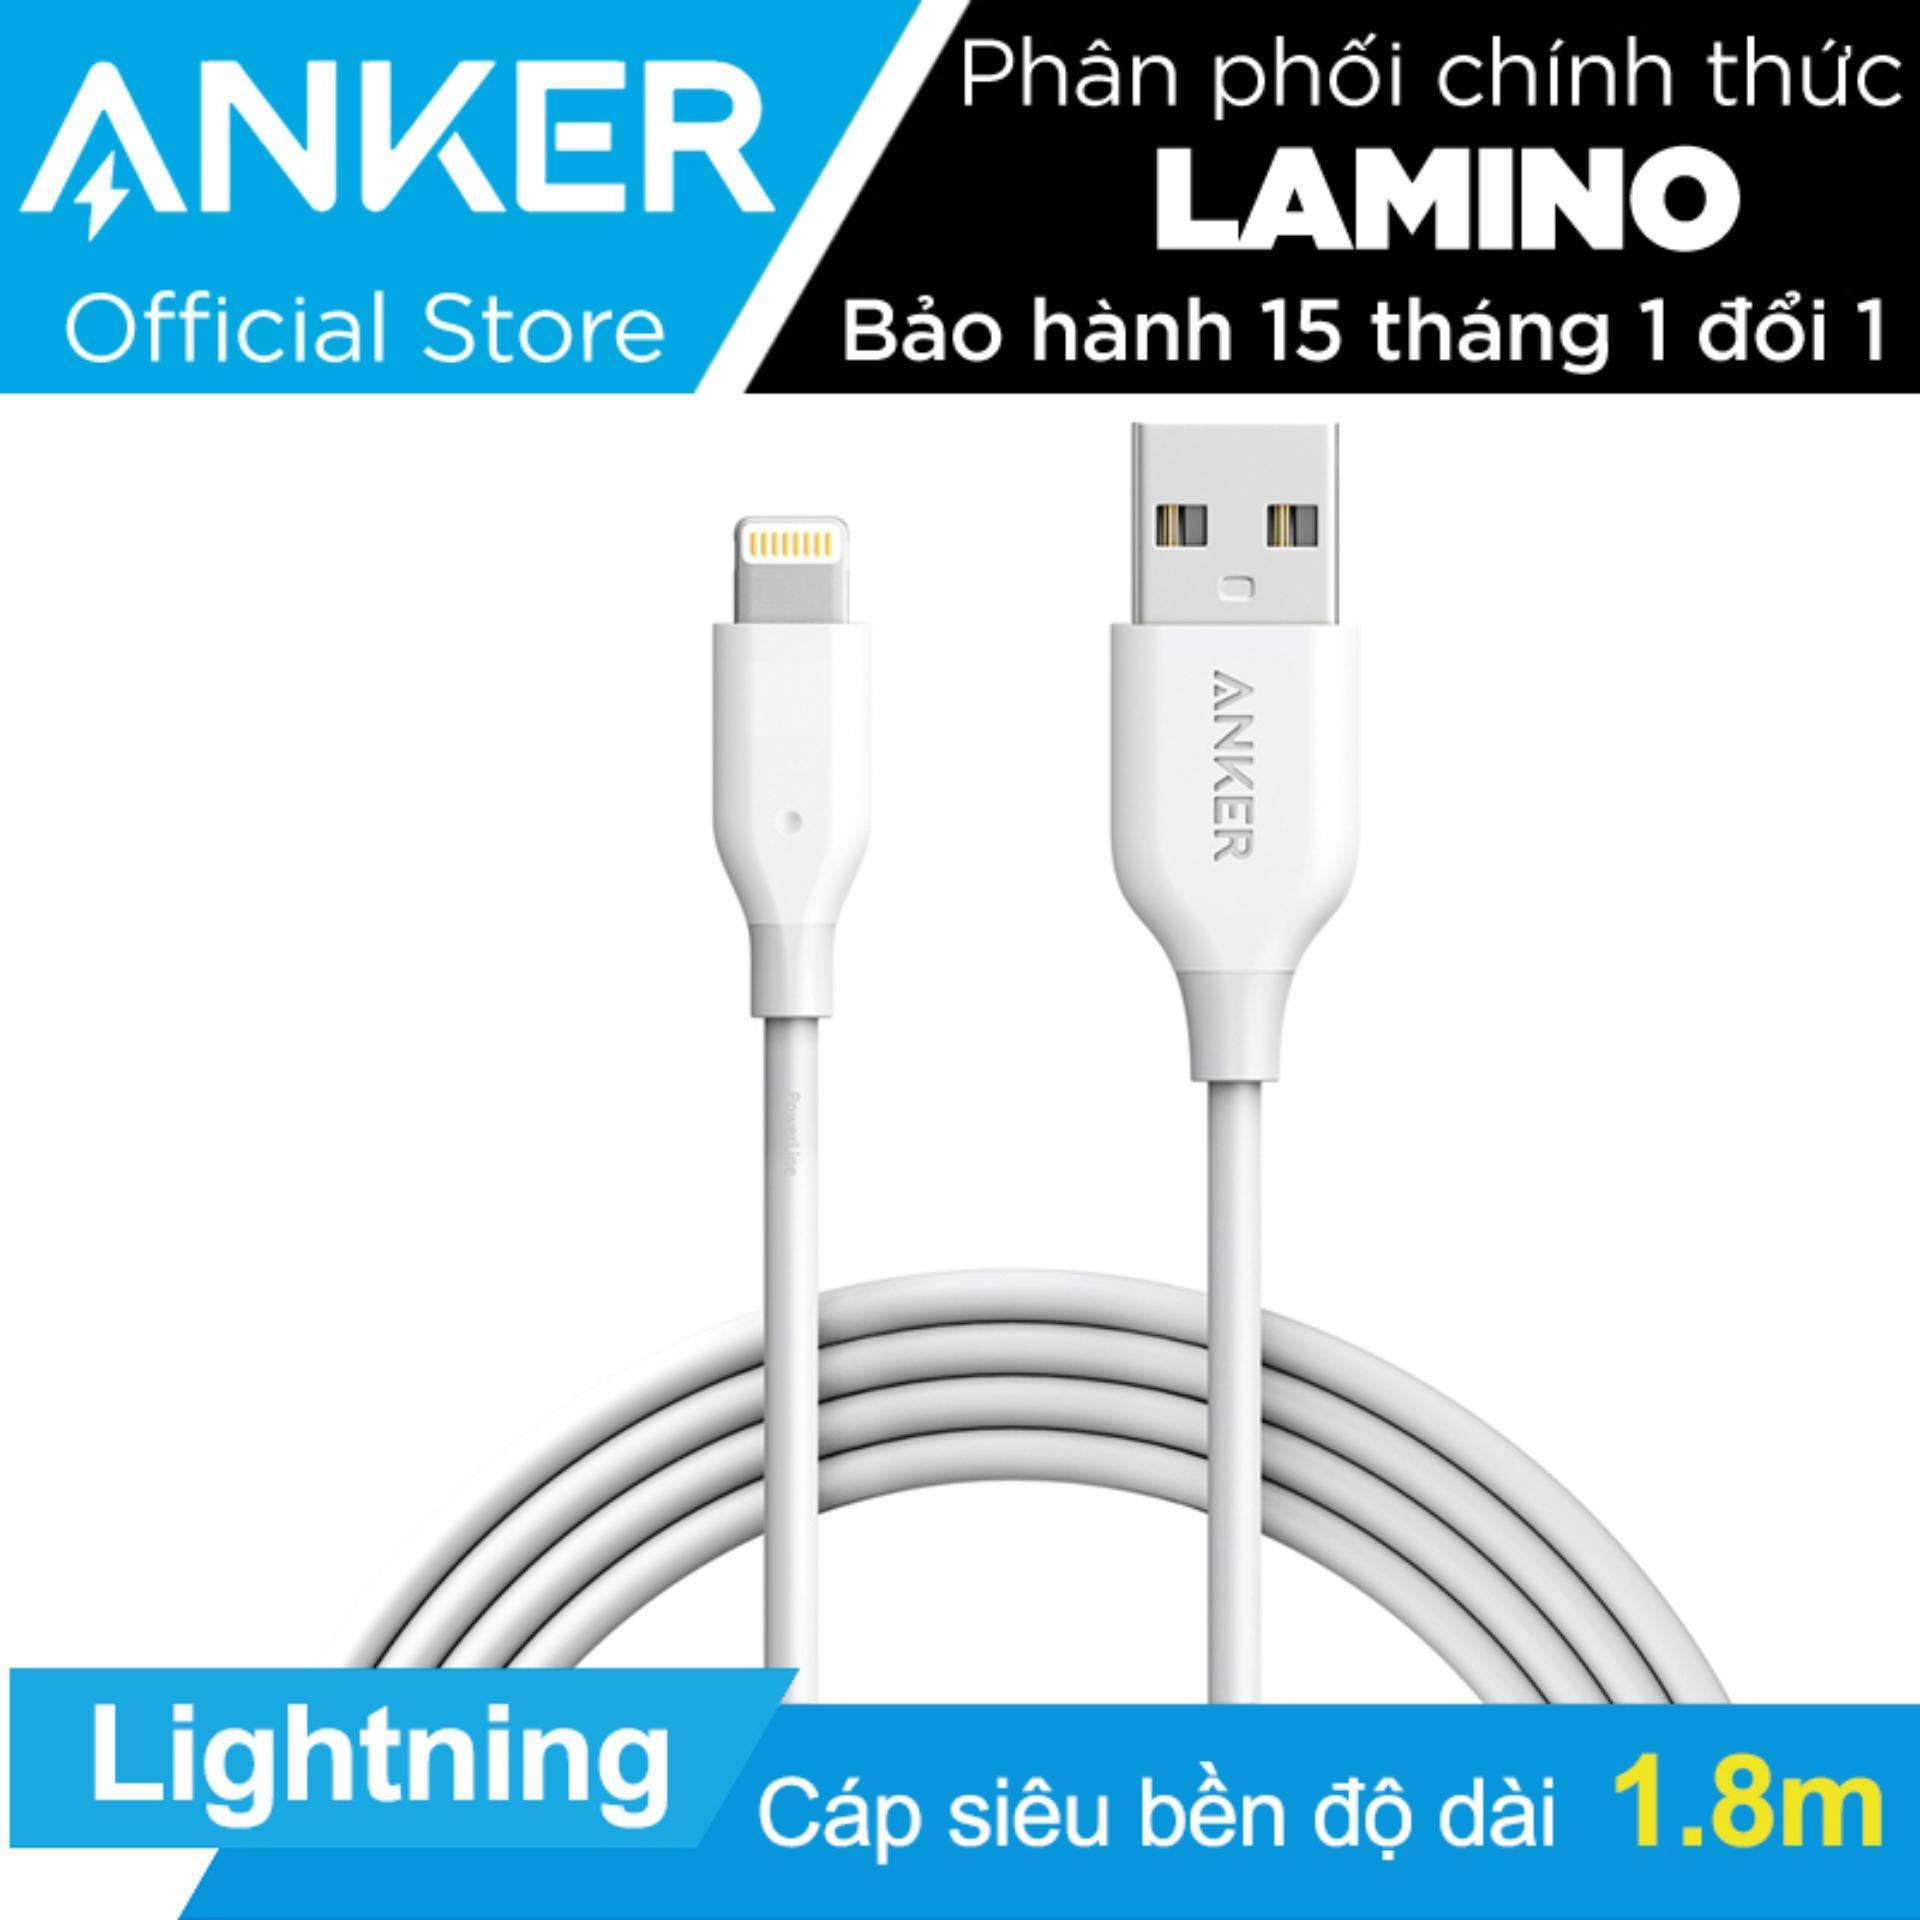 Giá Bán Cap Sạc Sieu Bền Anker Powerline Lightning 1 8M Cho Iphone Ipad Ipod Trắng Hang Phan Phối Chinh Thức Nguyên